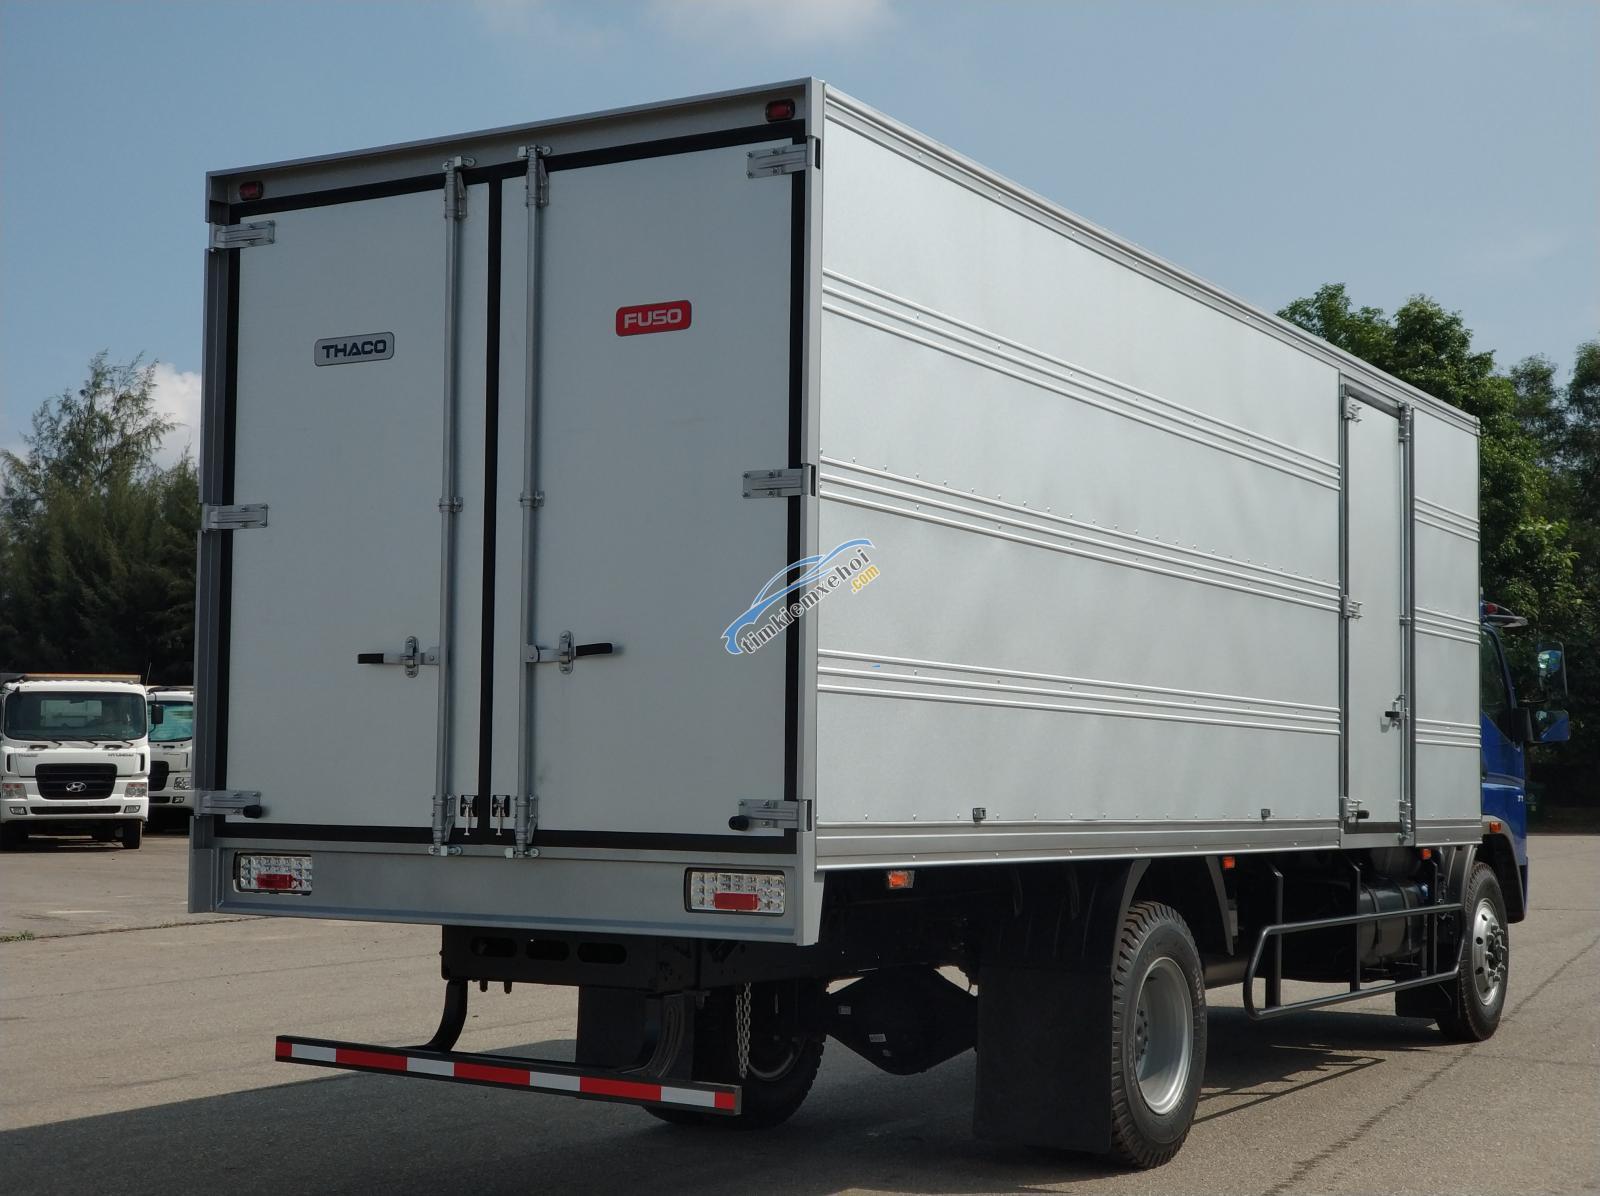 Bán xe tải 7 tấn Nhật Bản Mitsubishi Fuso Canter12.8 RL thùng kín dài 6m9 - trả góp